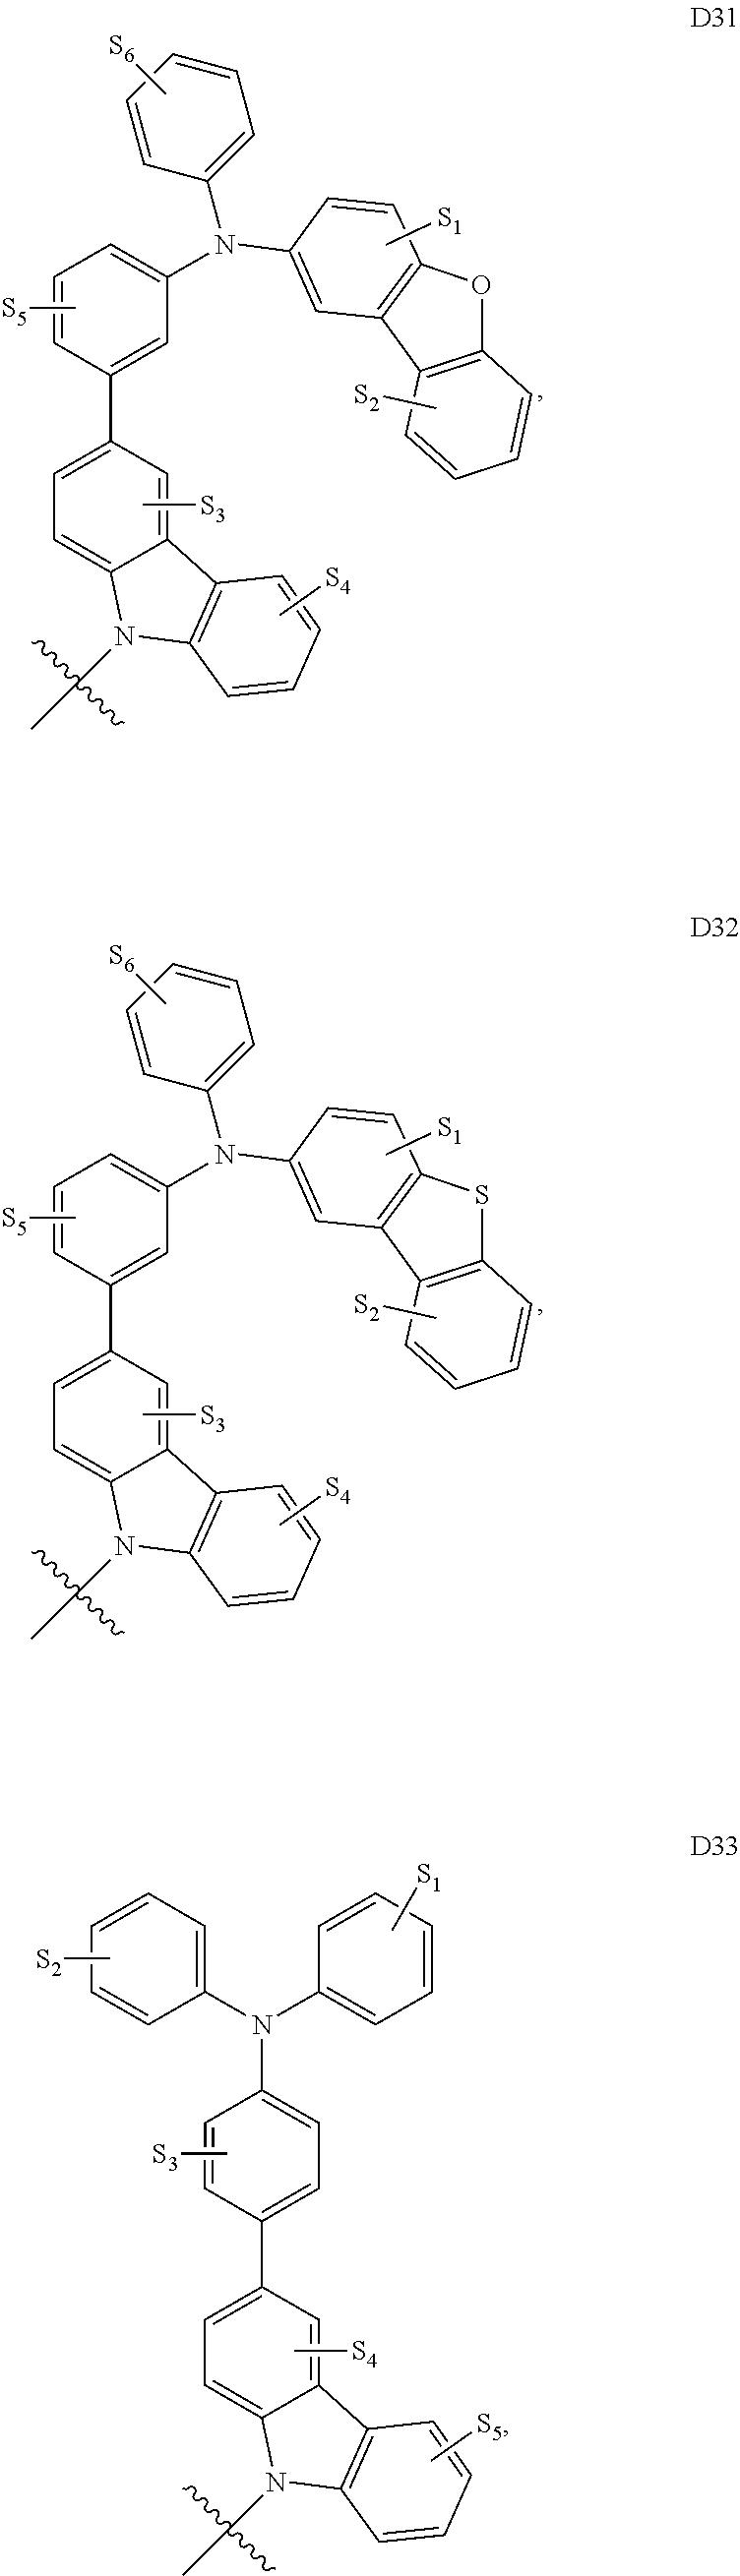 Figure US09324949-20160426-C00323